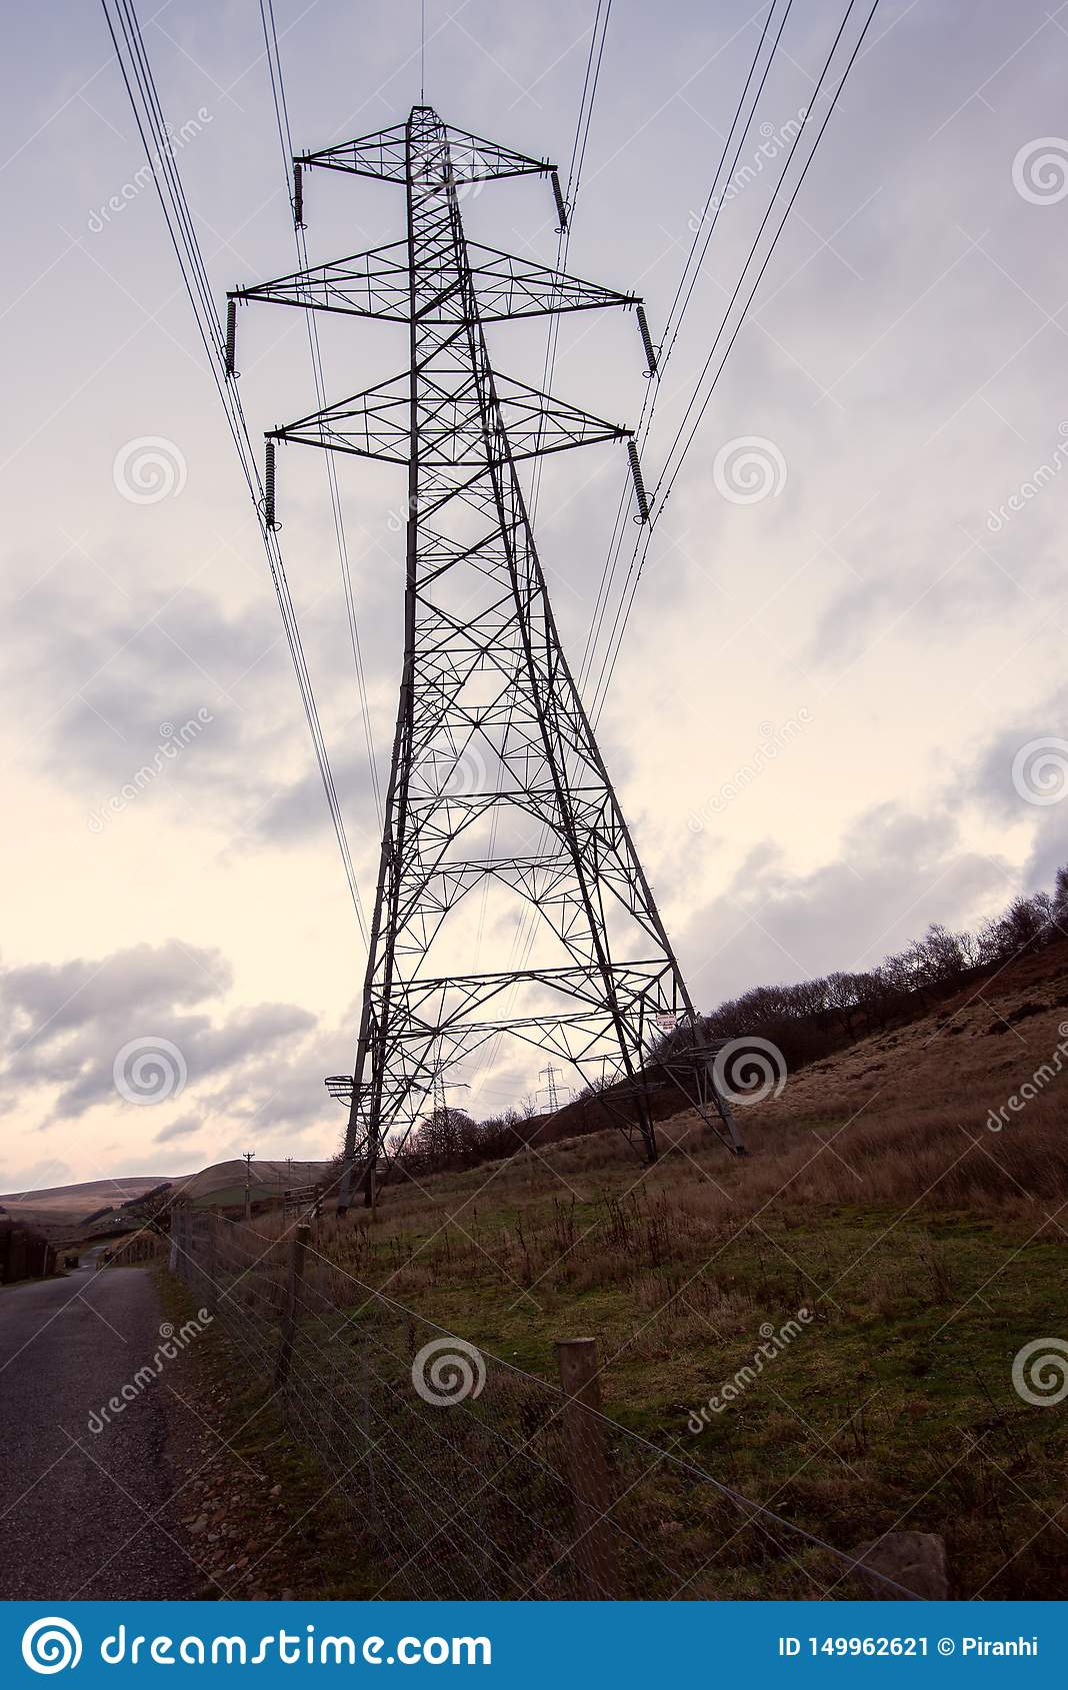 Een donkere grote transmissietoren, elektriciteitspyloon, bevindt zich tegen een gele zonsondergang